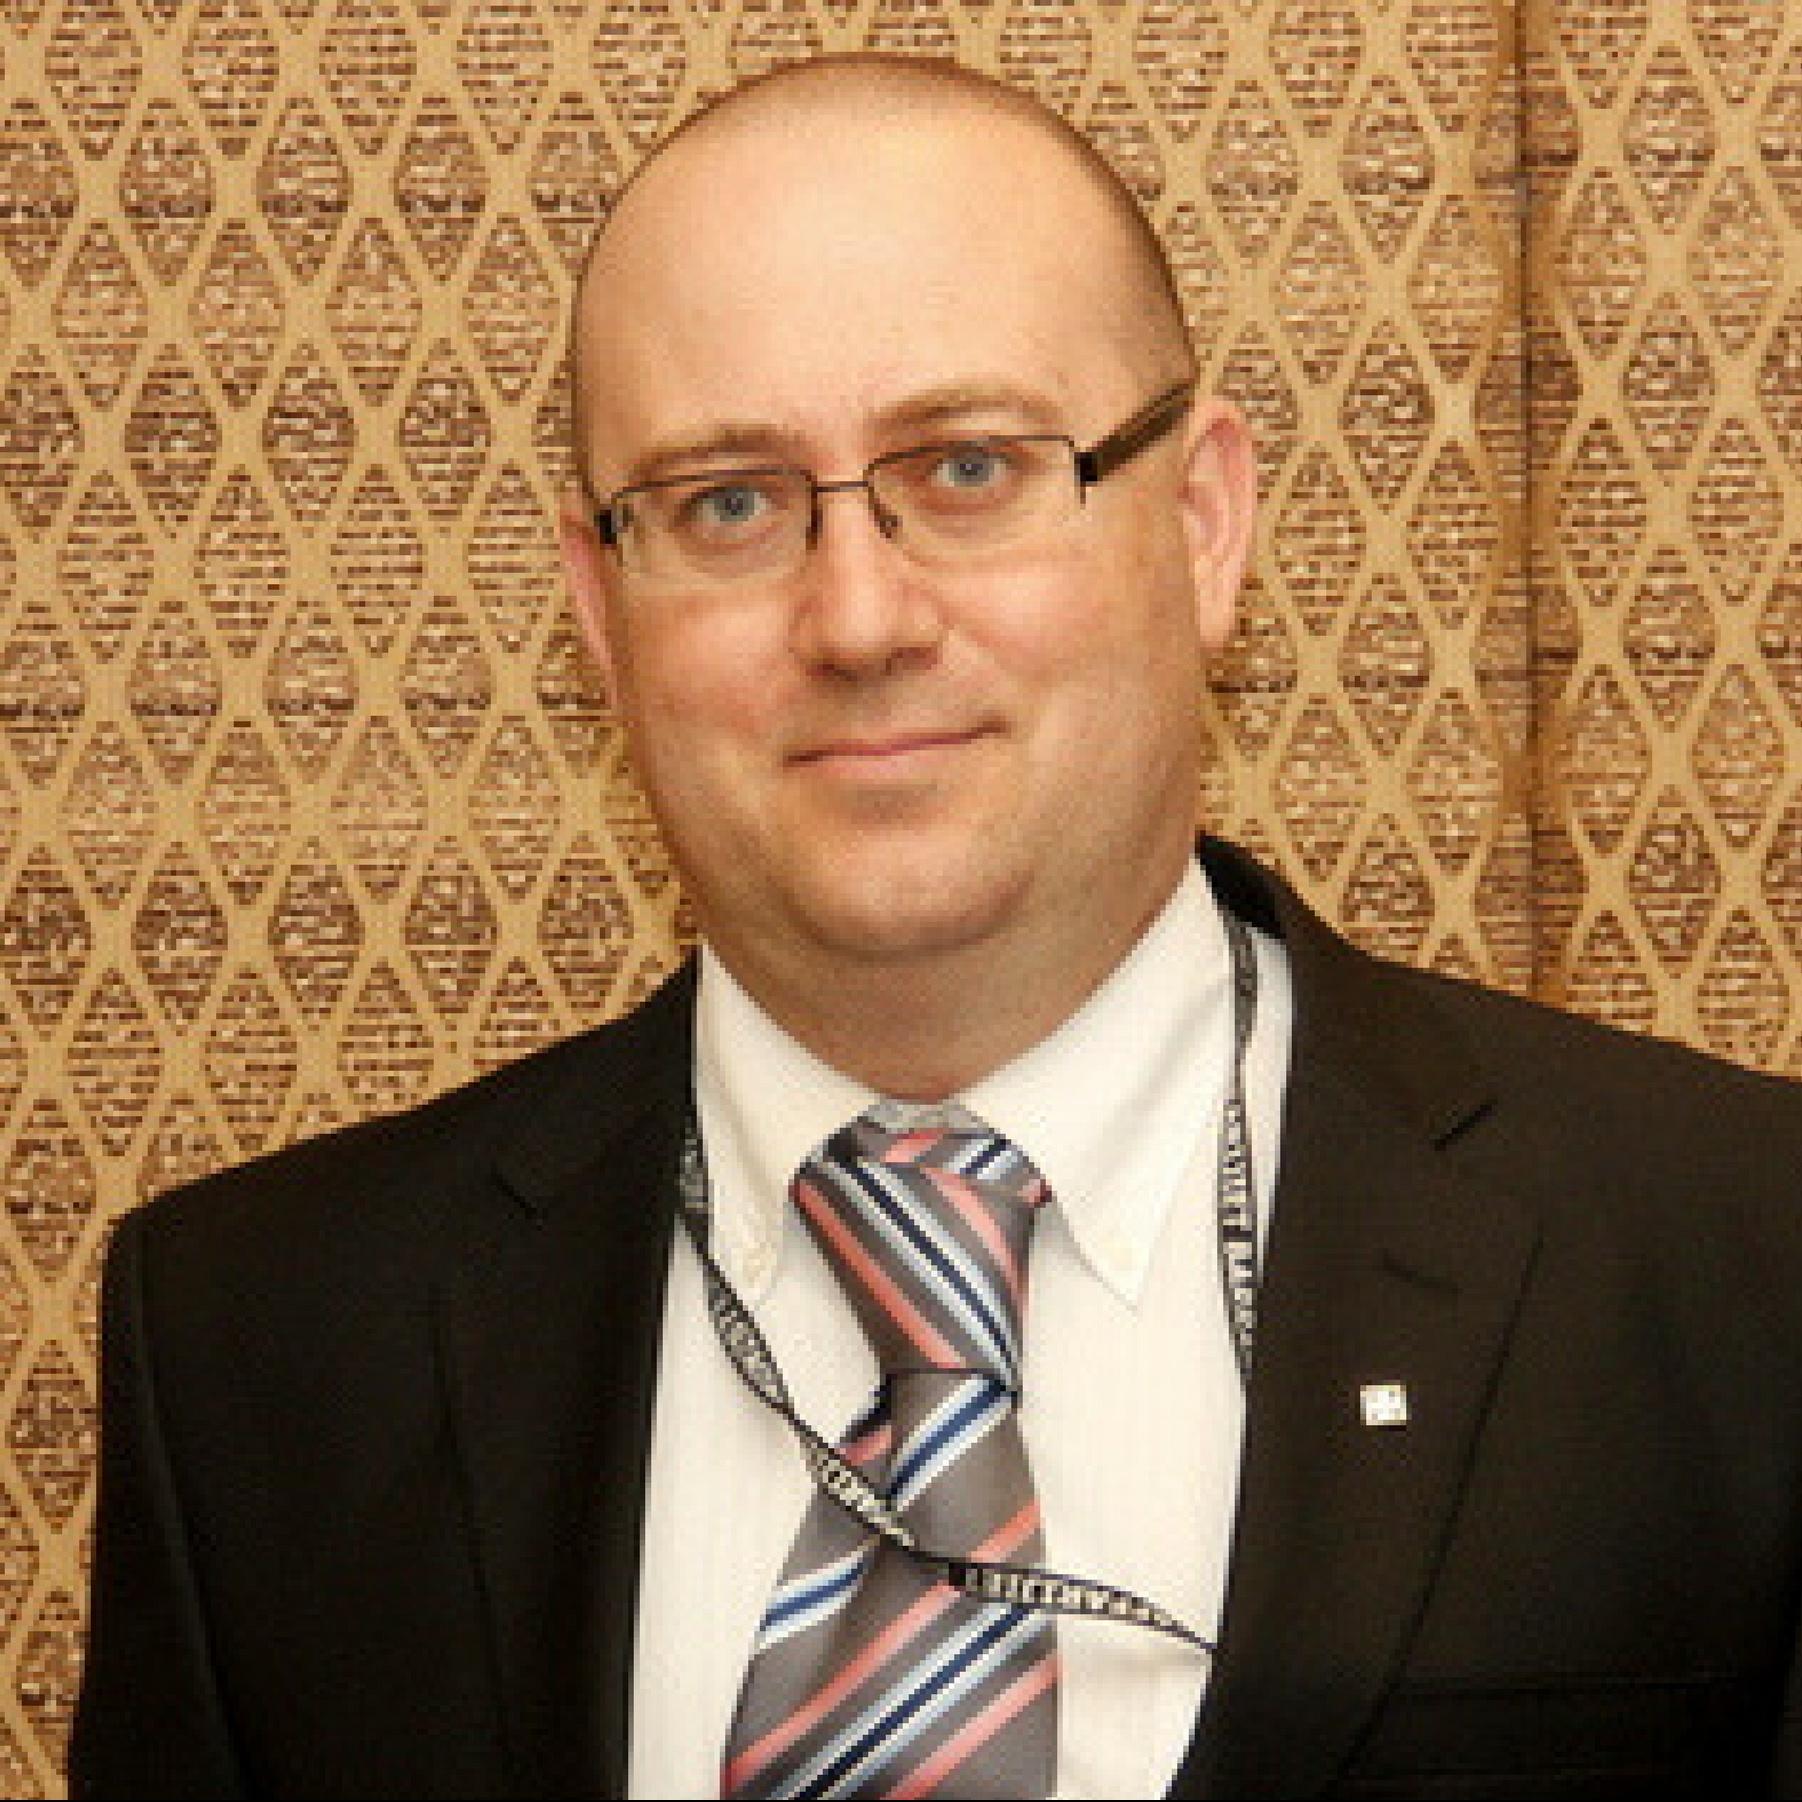 H.E Reuben Gauci